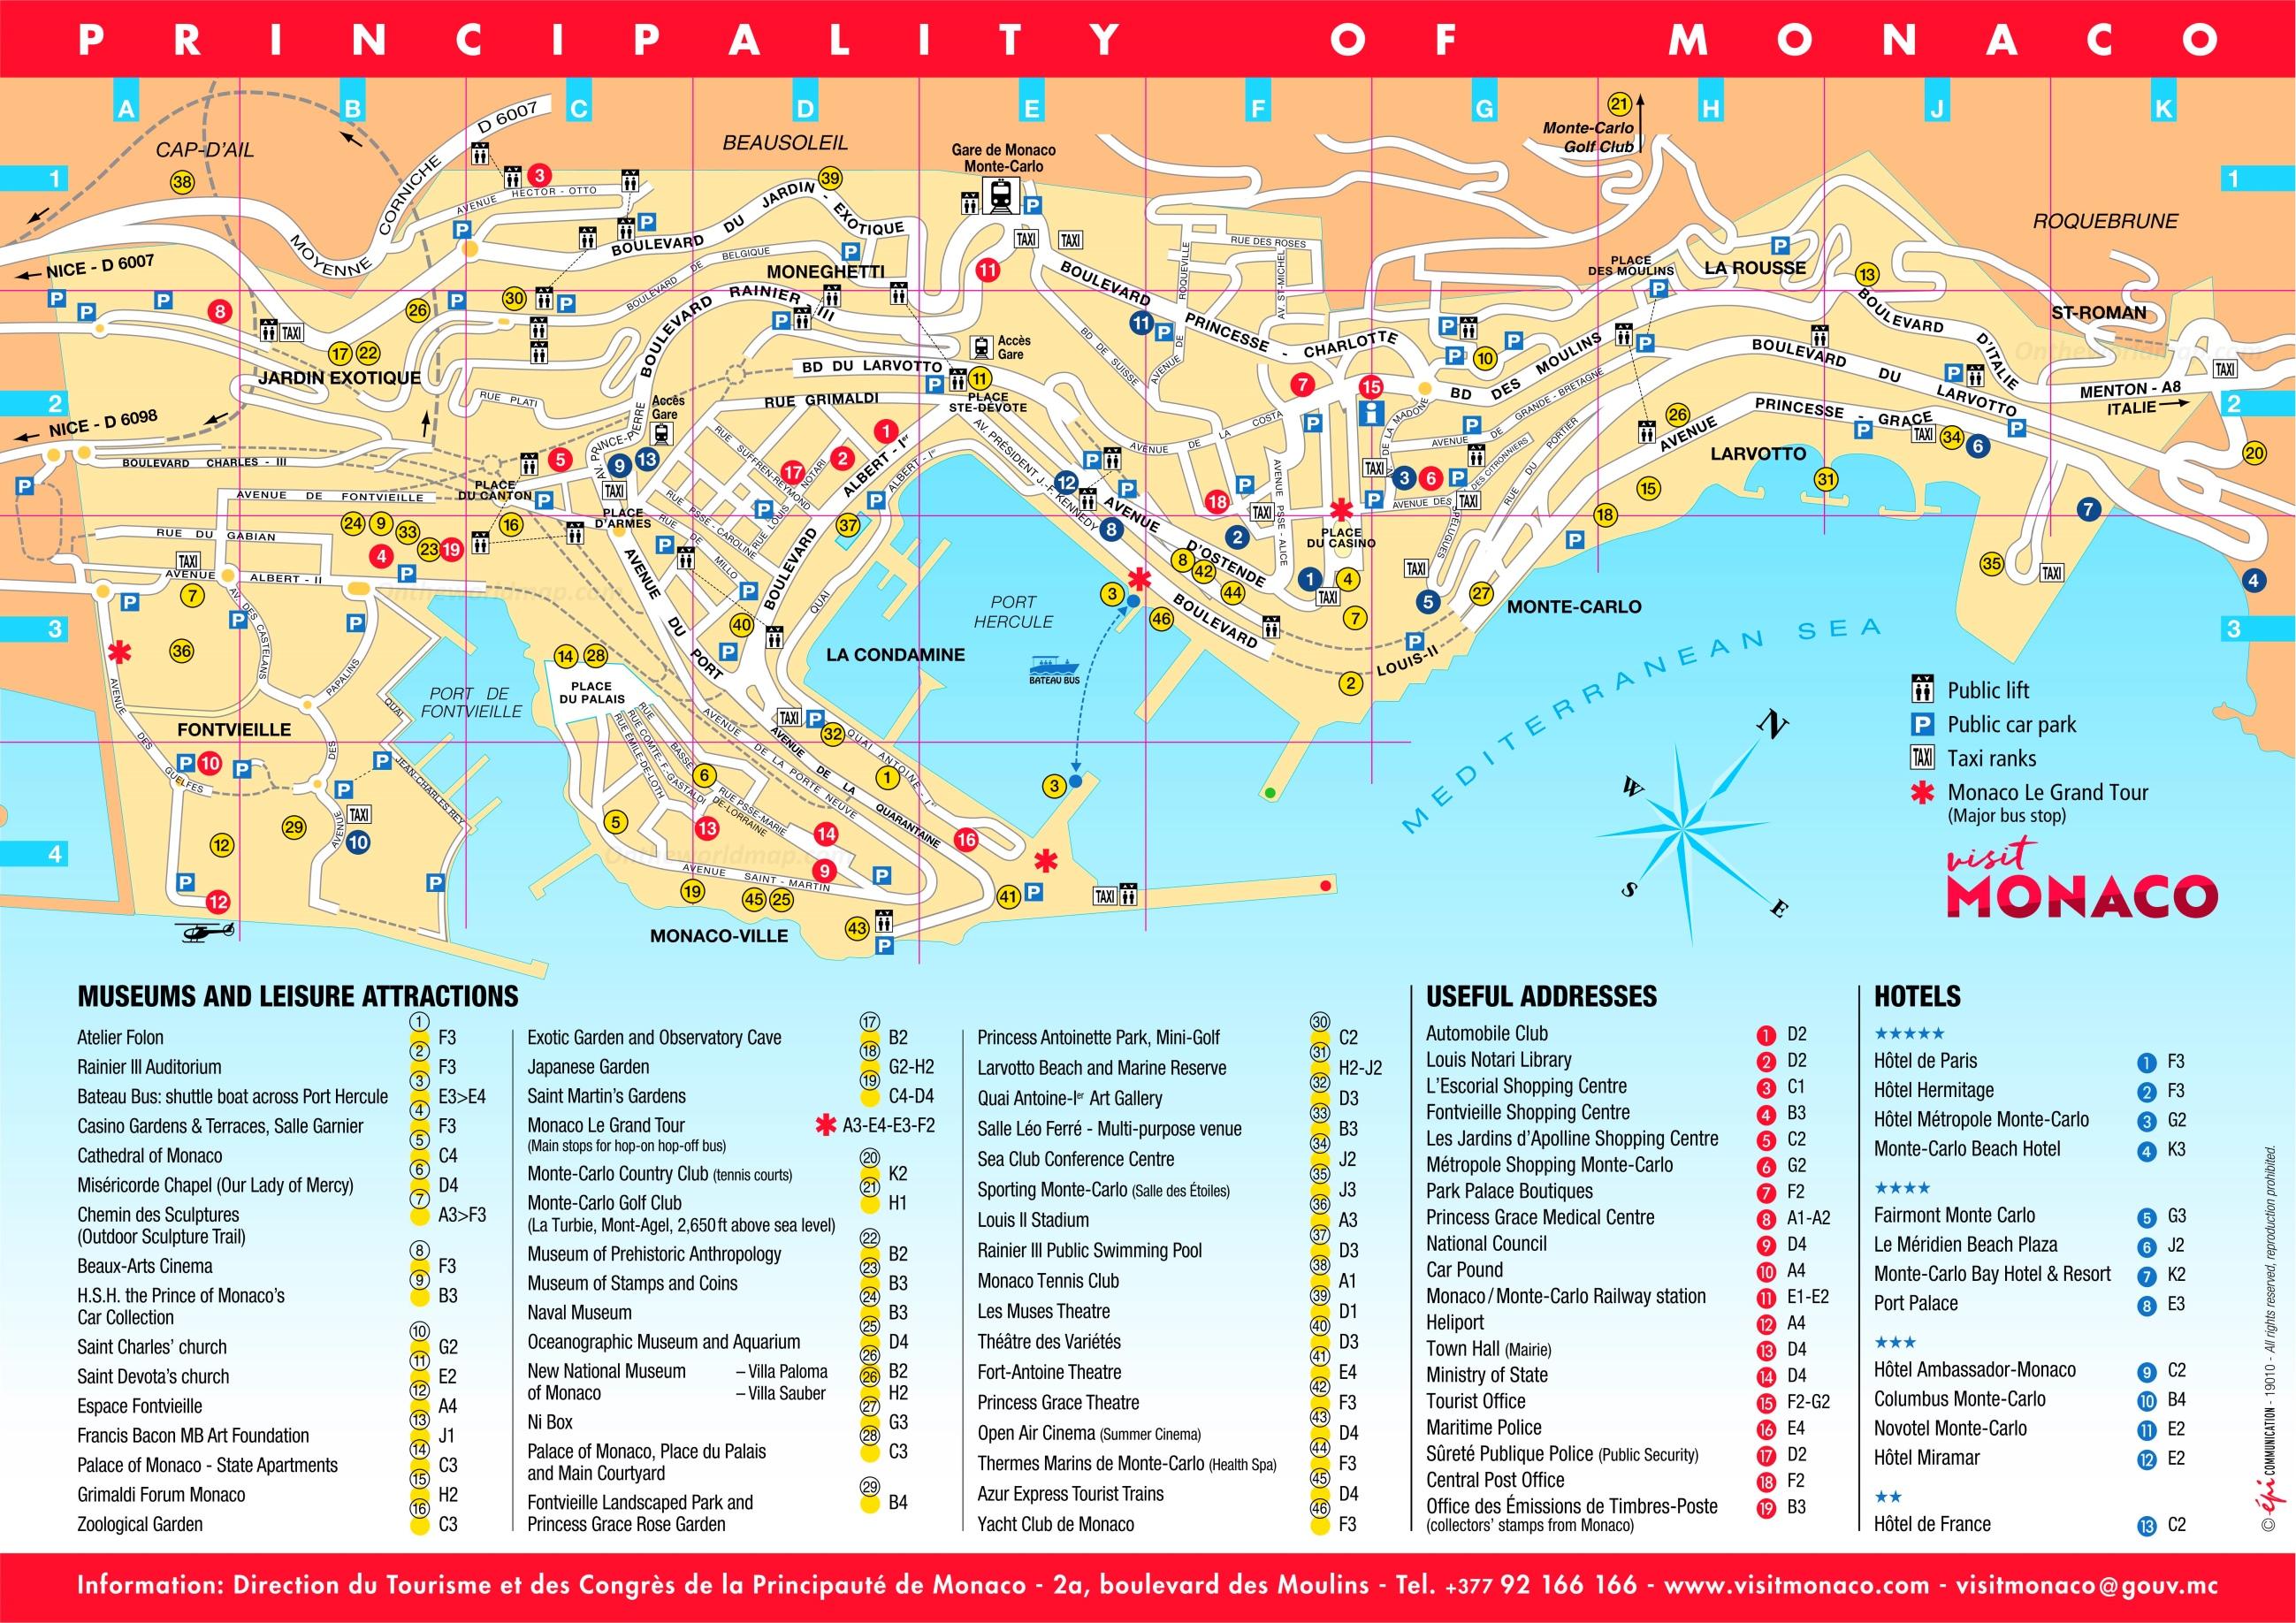 Monaco Italien Karte.Monaco Stadtplan Mit Sehenswurdigkeiten Zum Download Planative